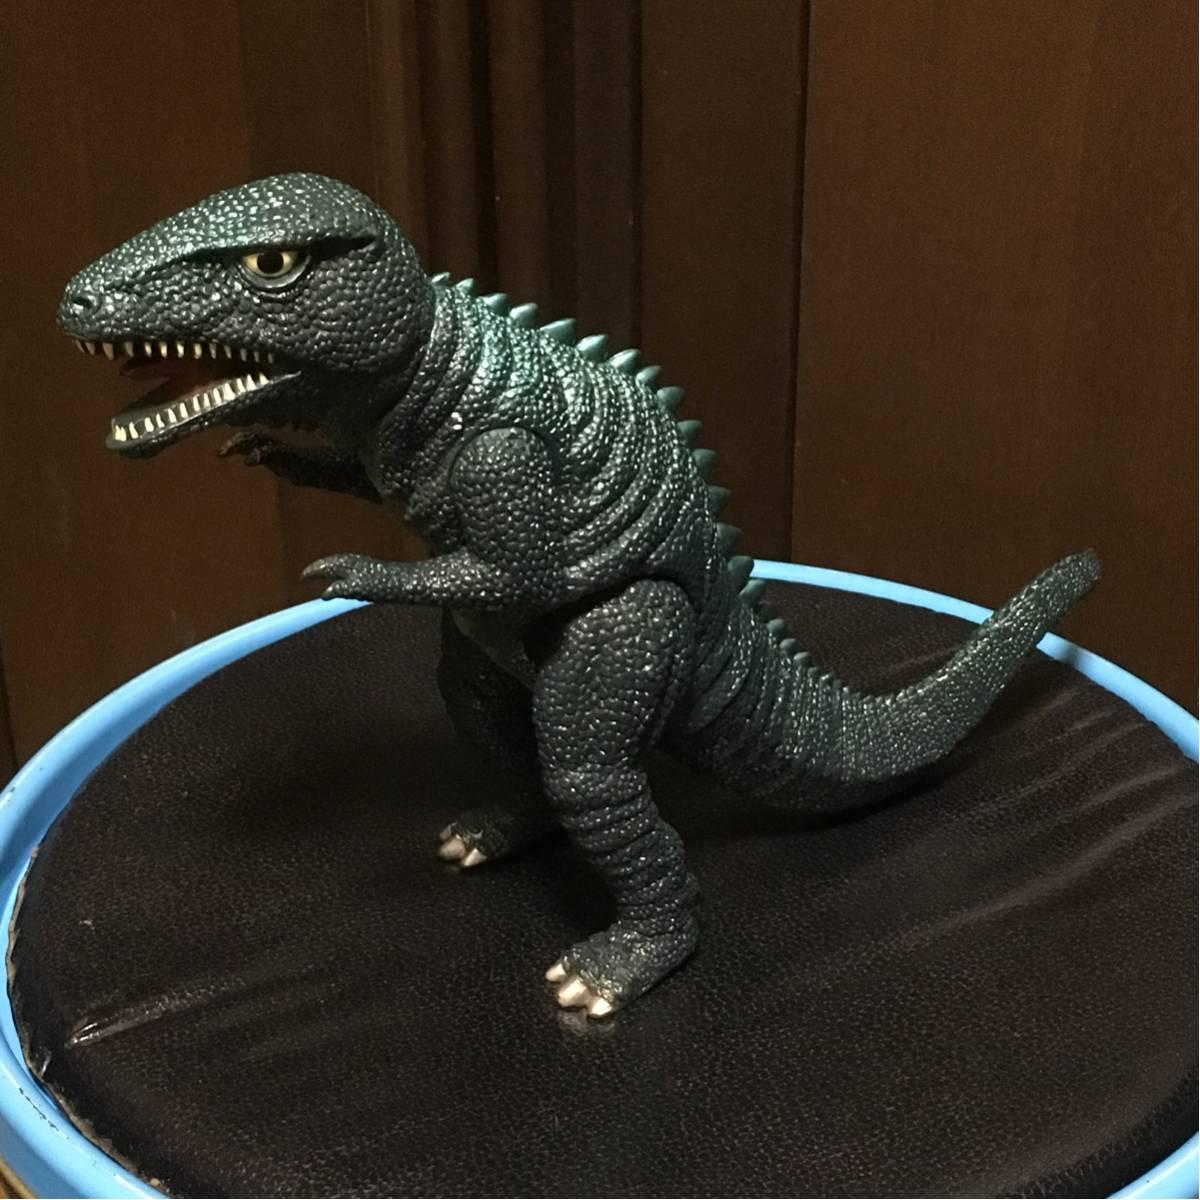 ★バンダイ ゴジラ 1993 ゴロザウルス ソフビフィギュア グッズの画像